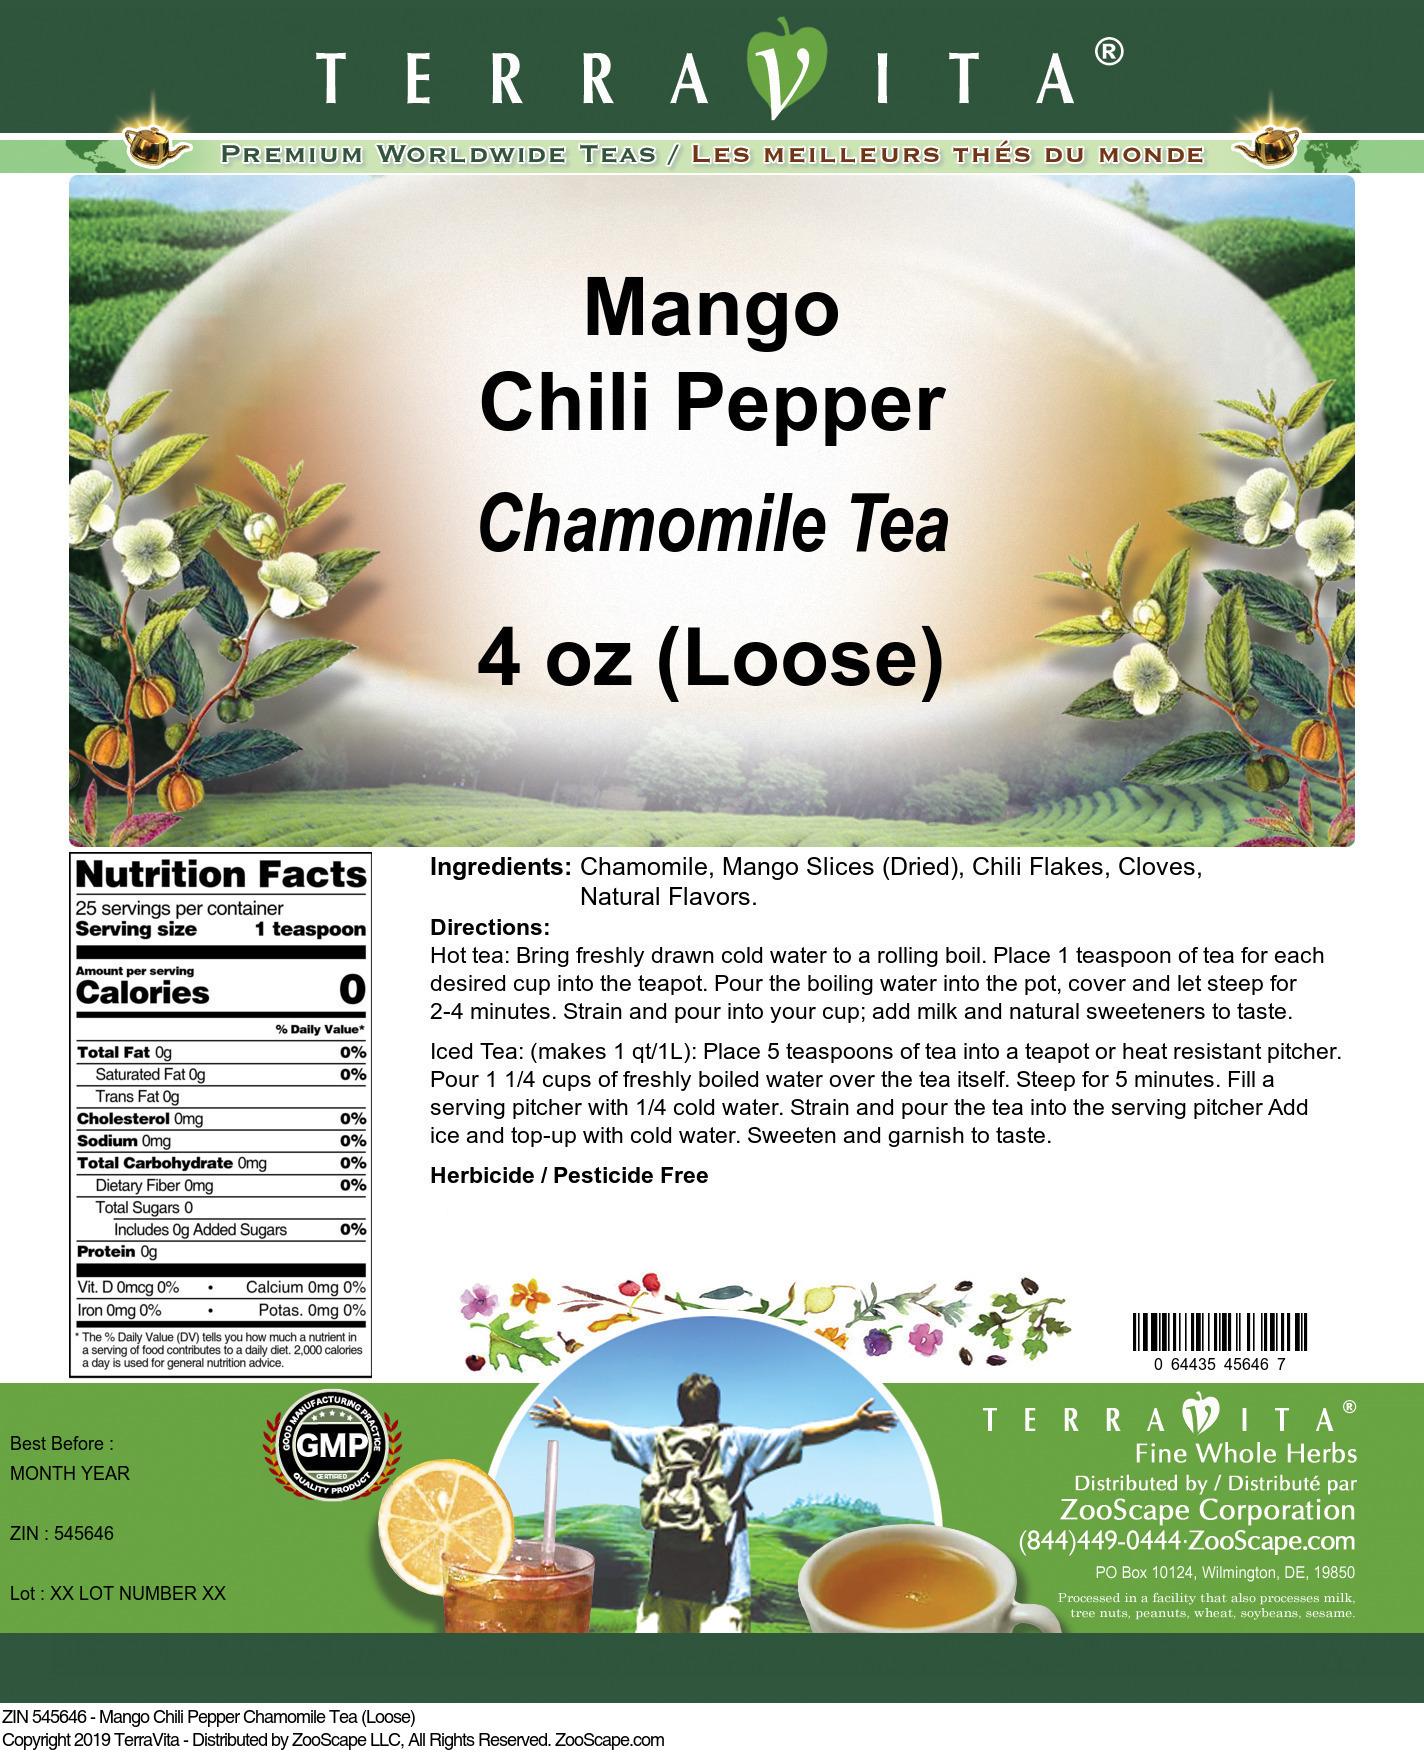 Mango Chili Pepper Chamomile Tea (Loose)